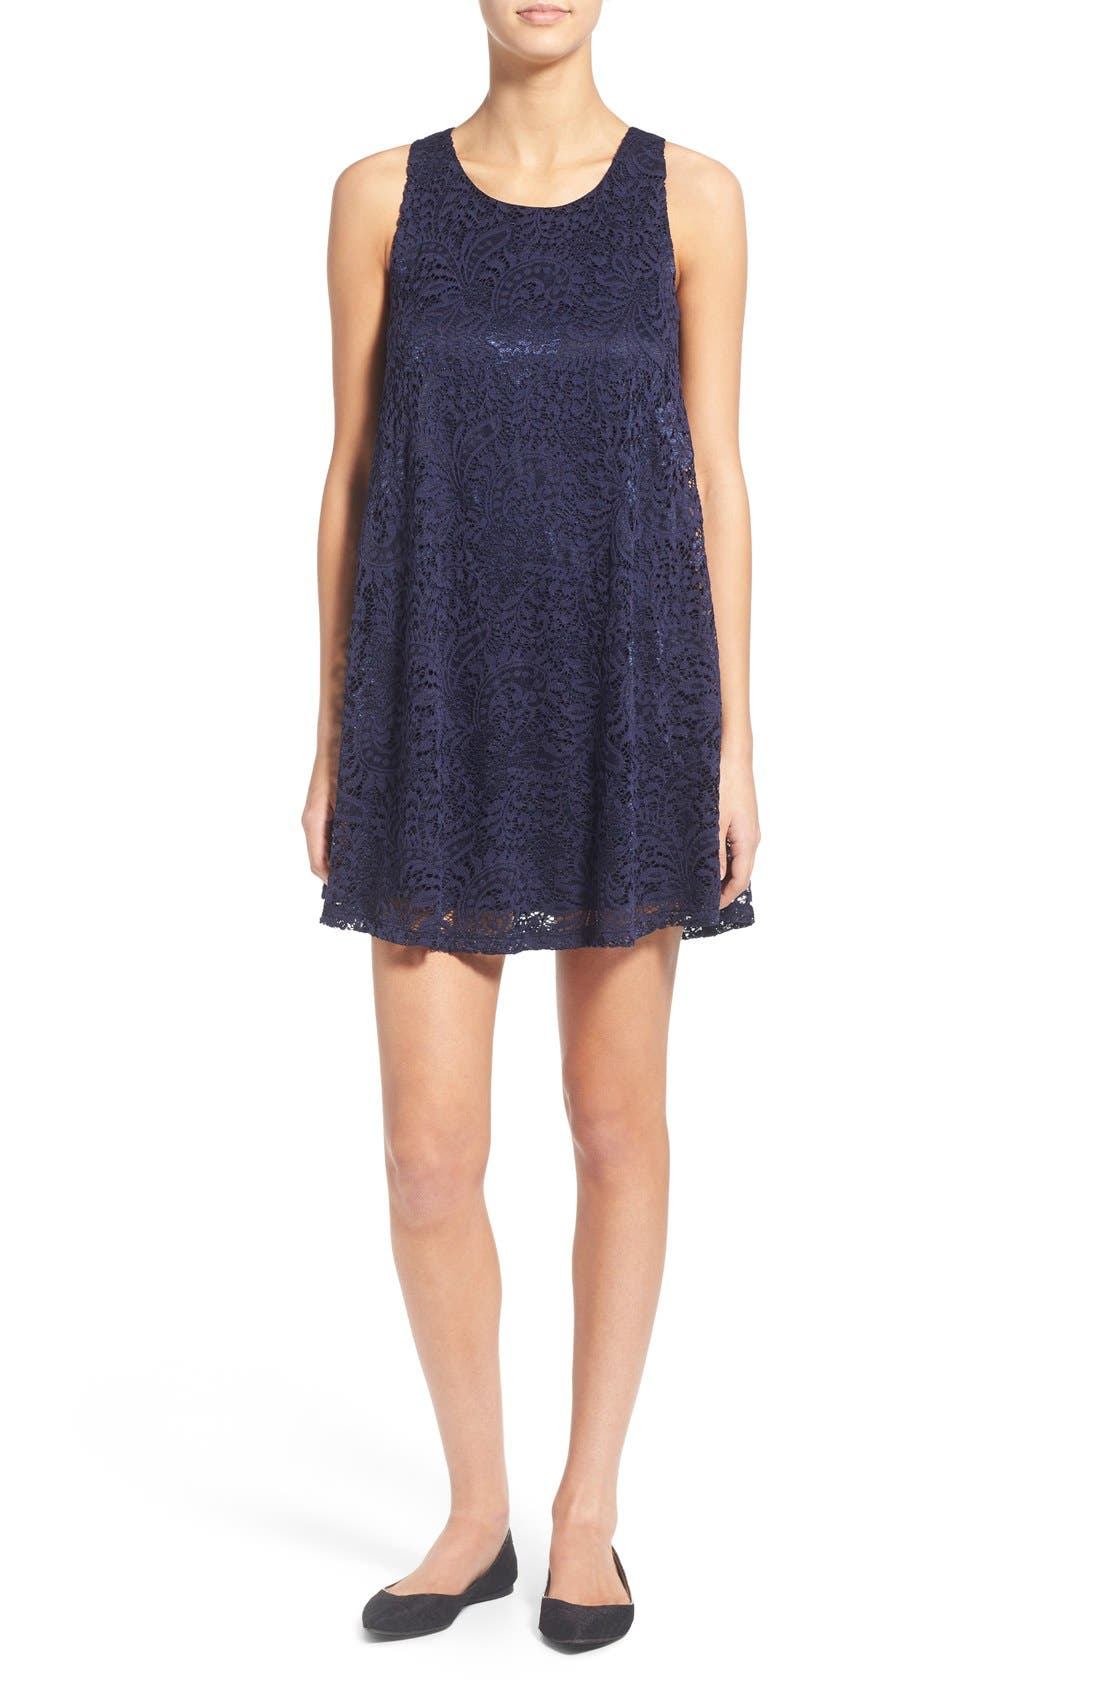 Main Image - Everly Lace Shift Dress